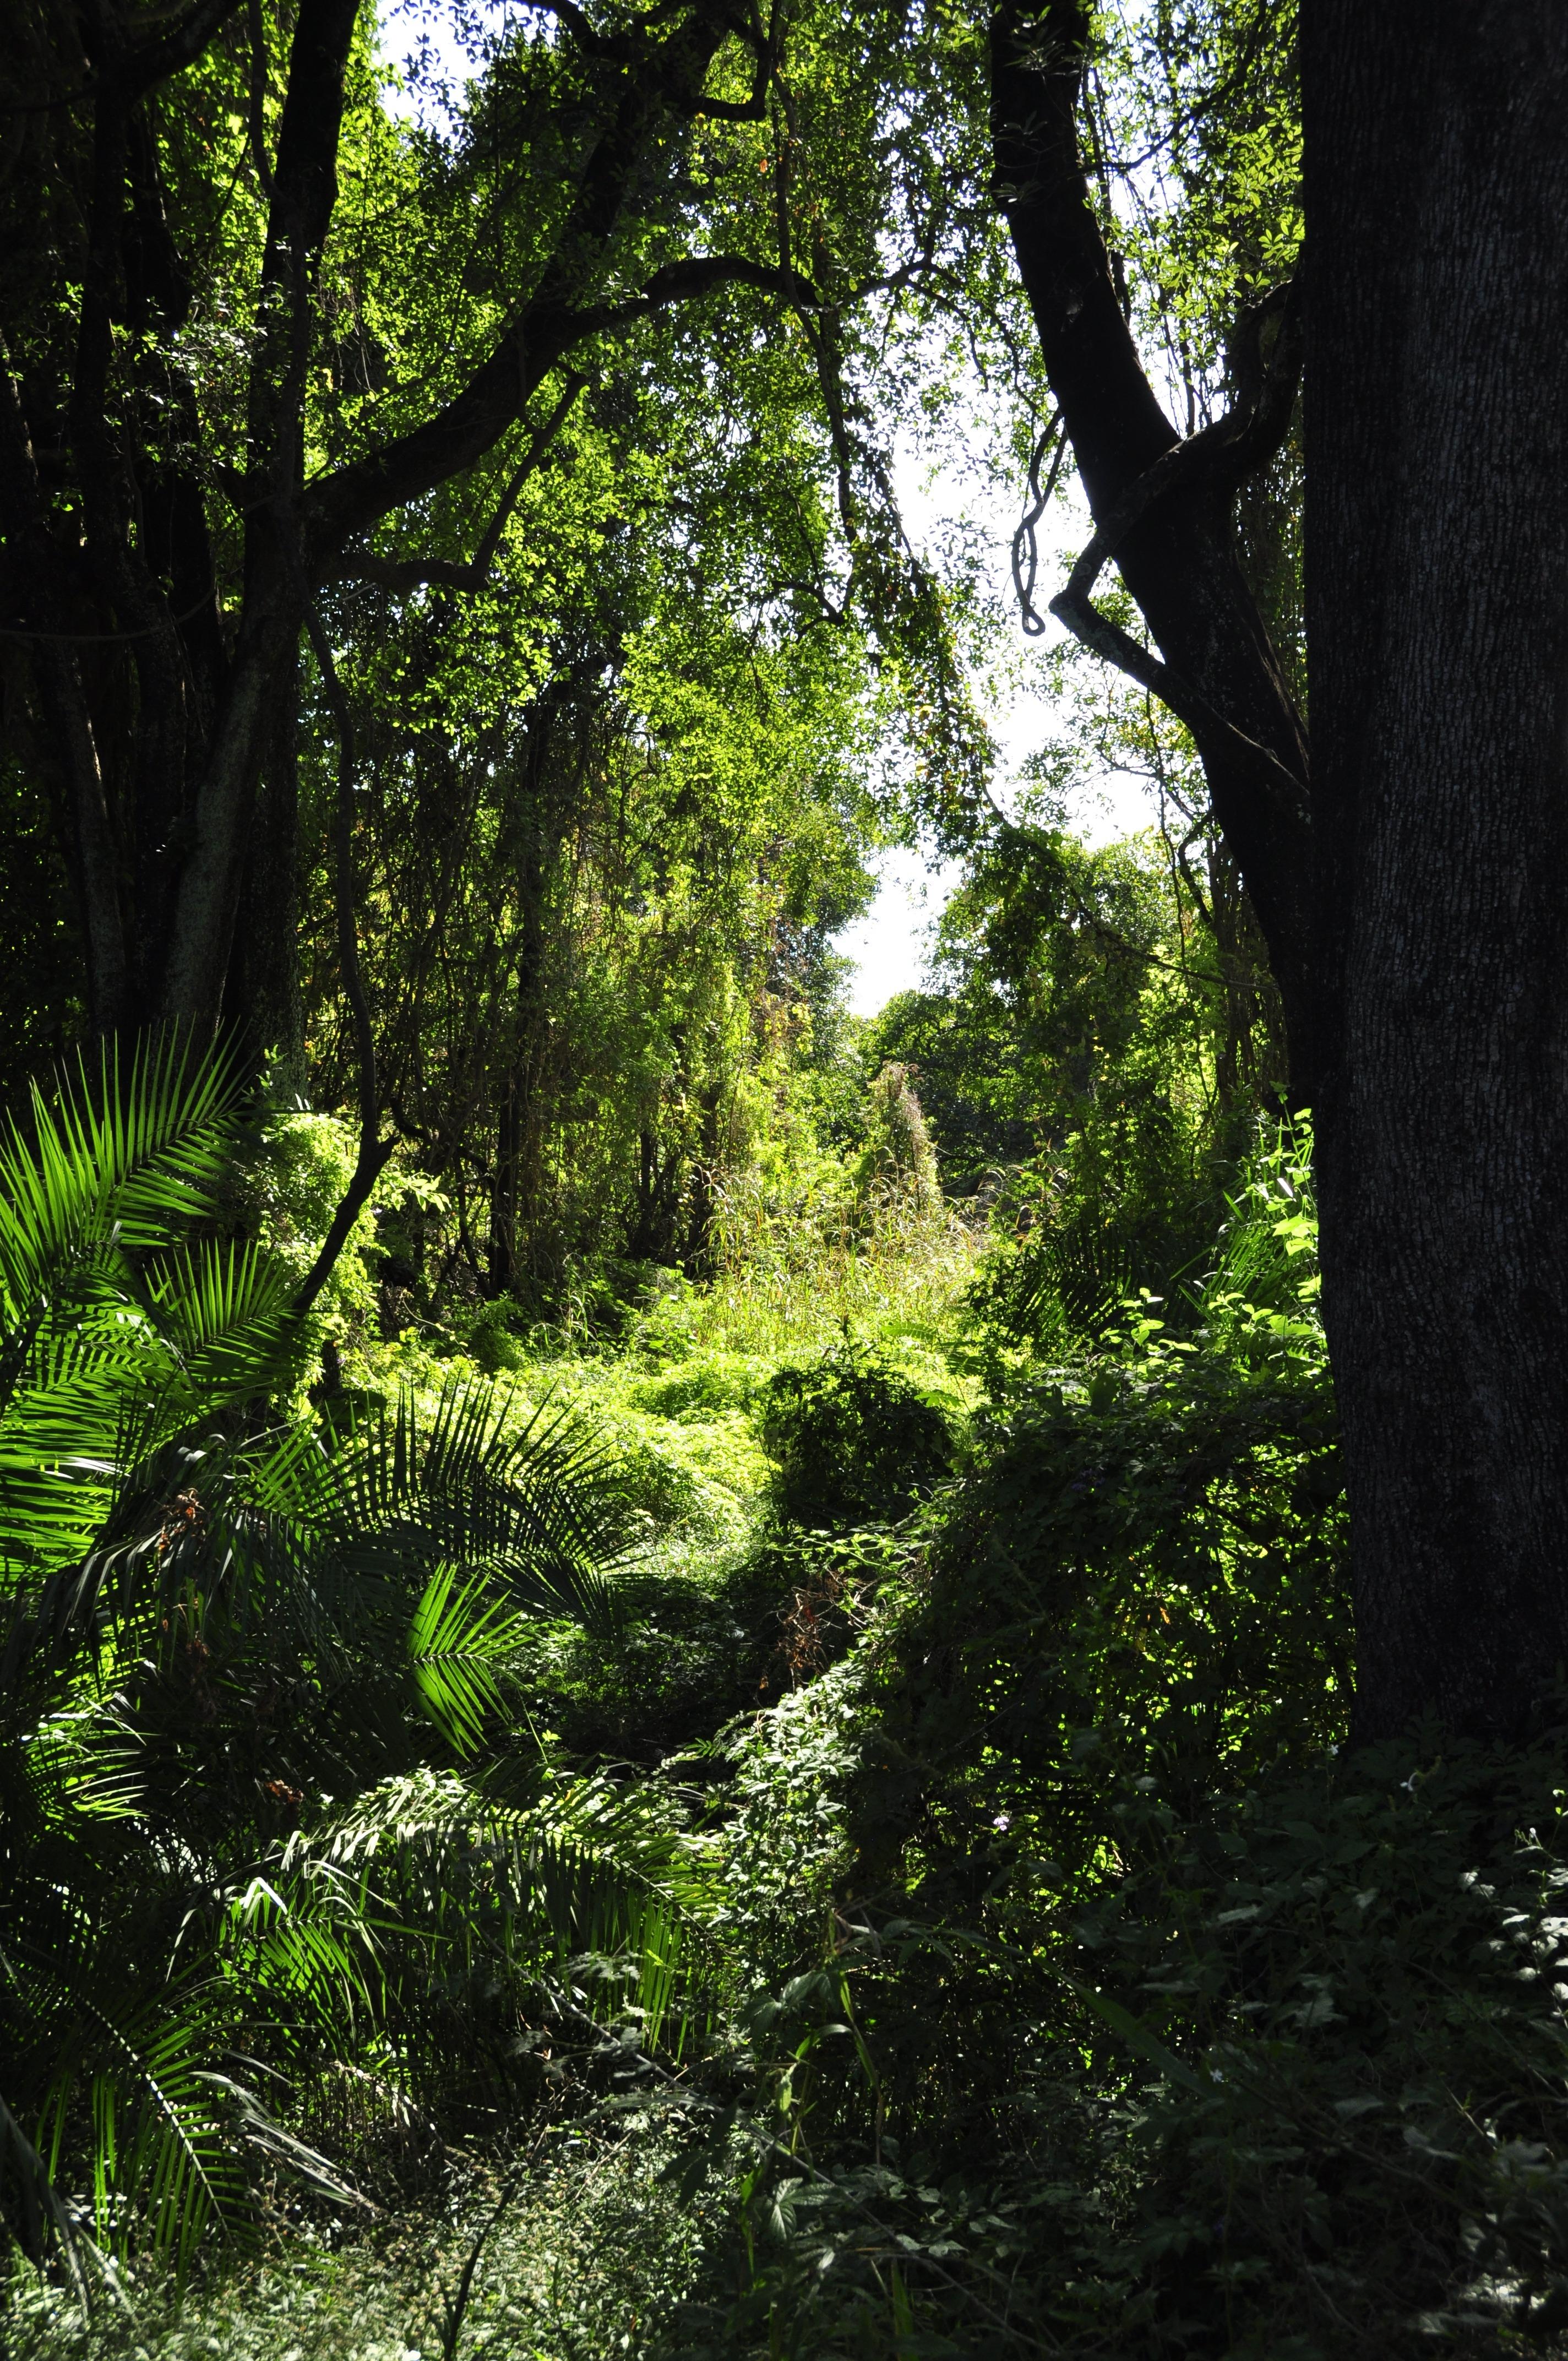 Baum Natur Wald Gras Ast Pflanze Sonnenlicht Blatt Blume Strom Grün Dschungel Herbst Afrika Botanik Garten